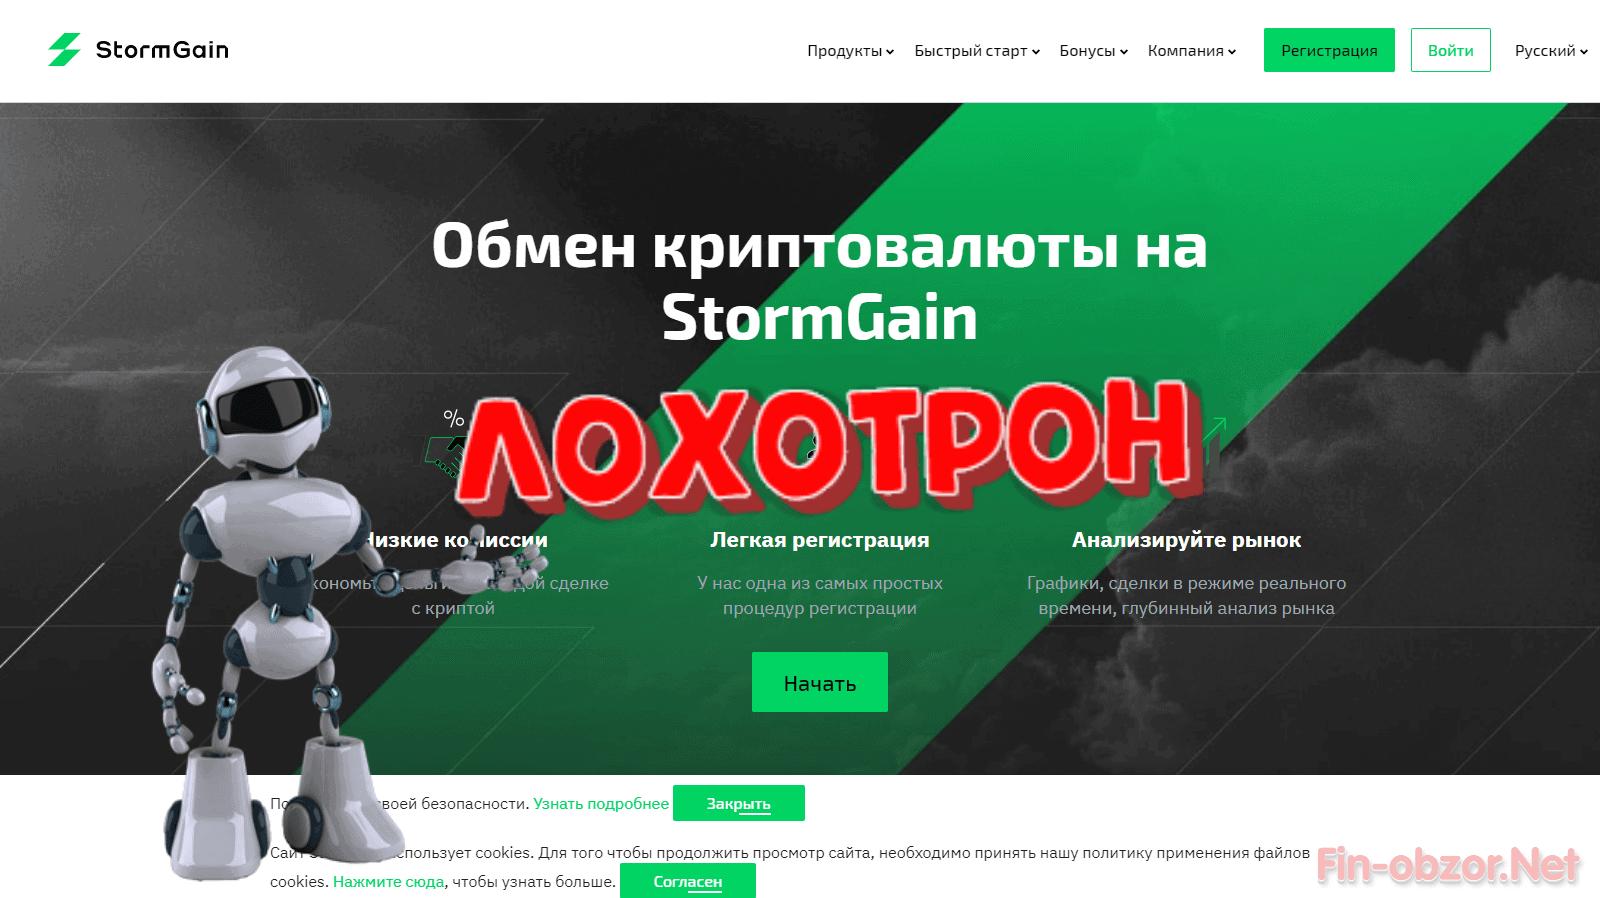 stormgain.com отзывы реальных людей о бирже